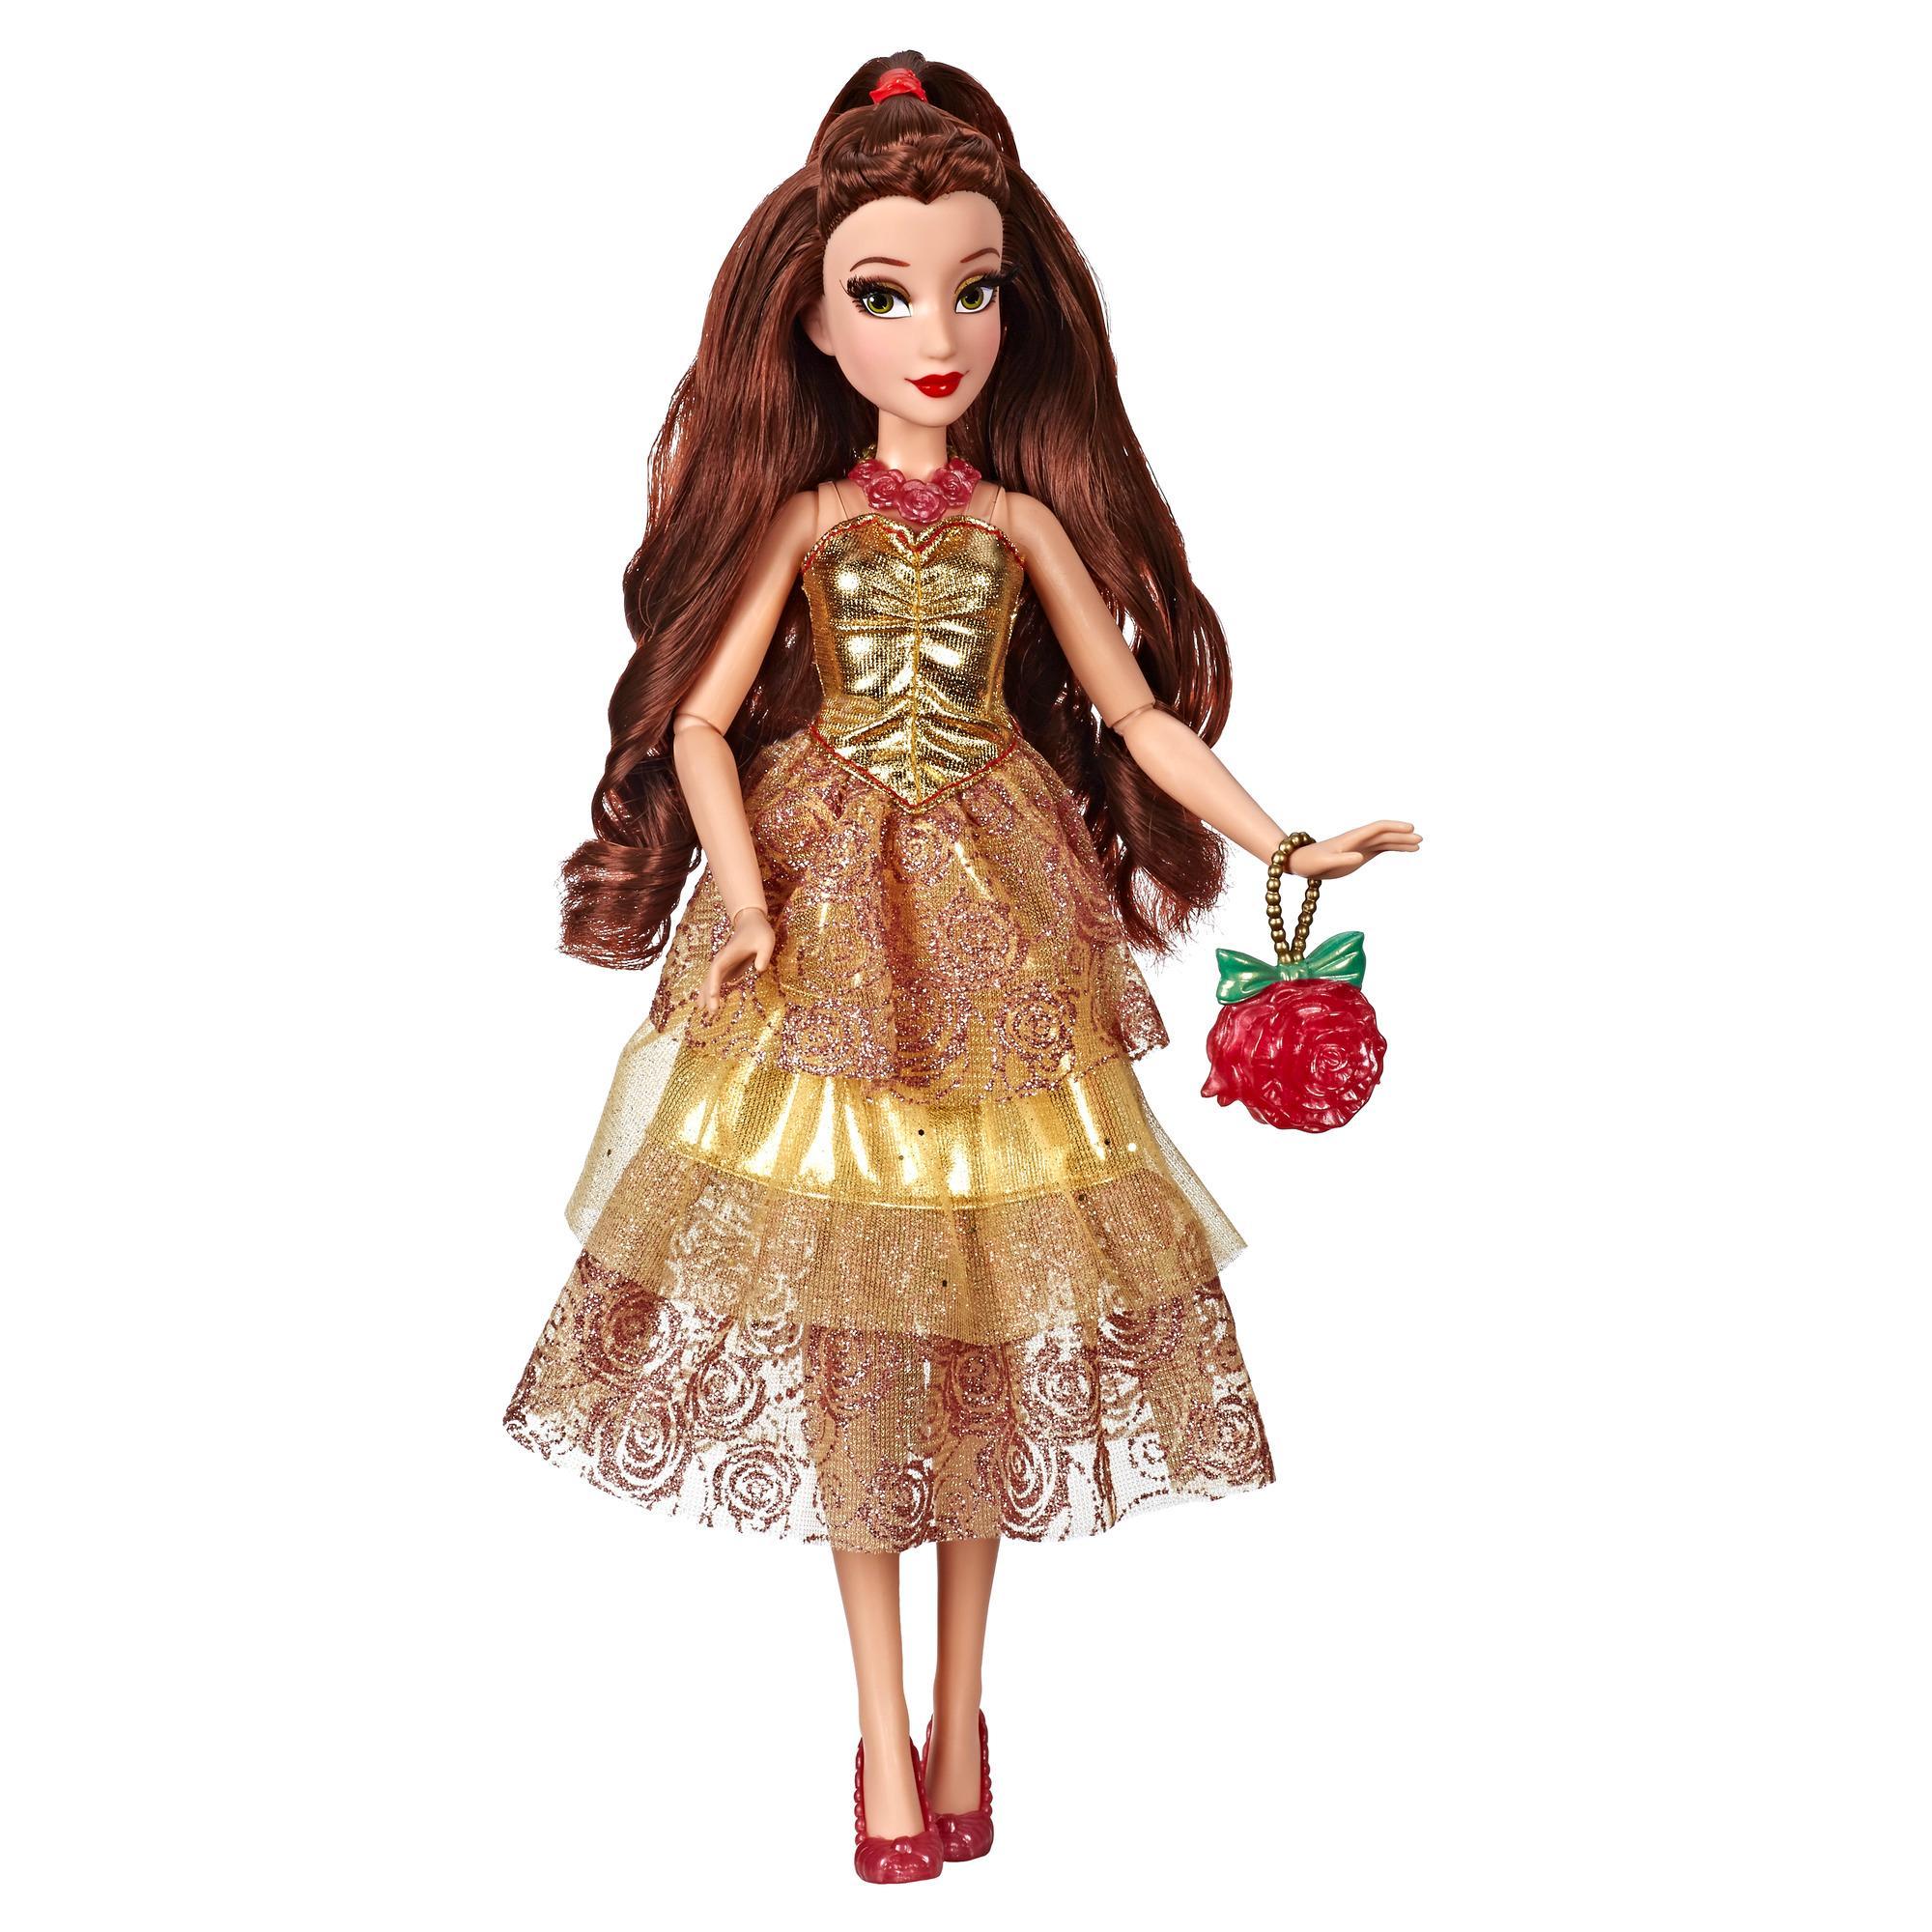 Disney Princess, série Style, poupée Belle au style moderne avec robe jaune étincelante et accessoires, à partir de 6ans